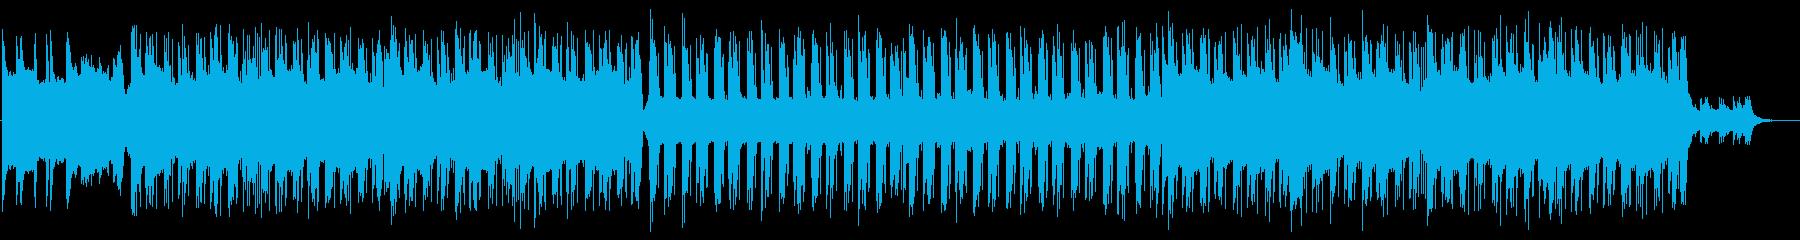 大会 エンディング ヒップホップ 弦無しの再生済みの波形